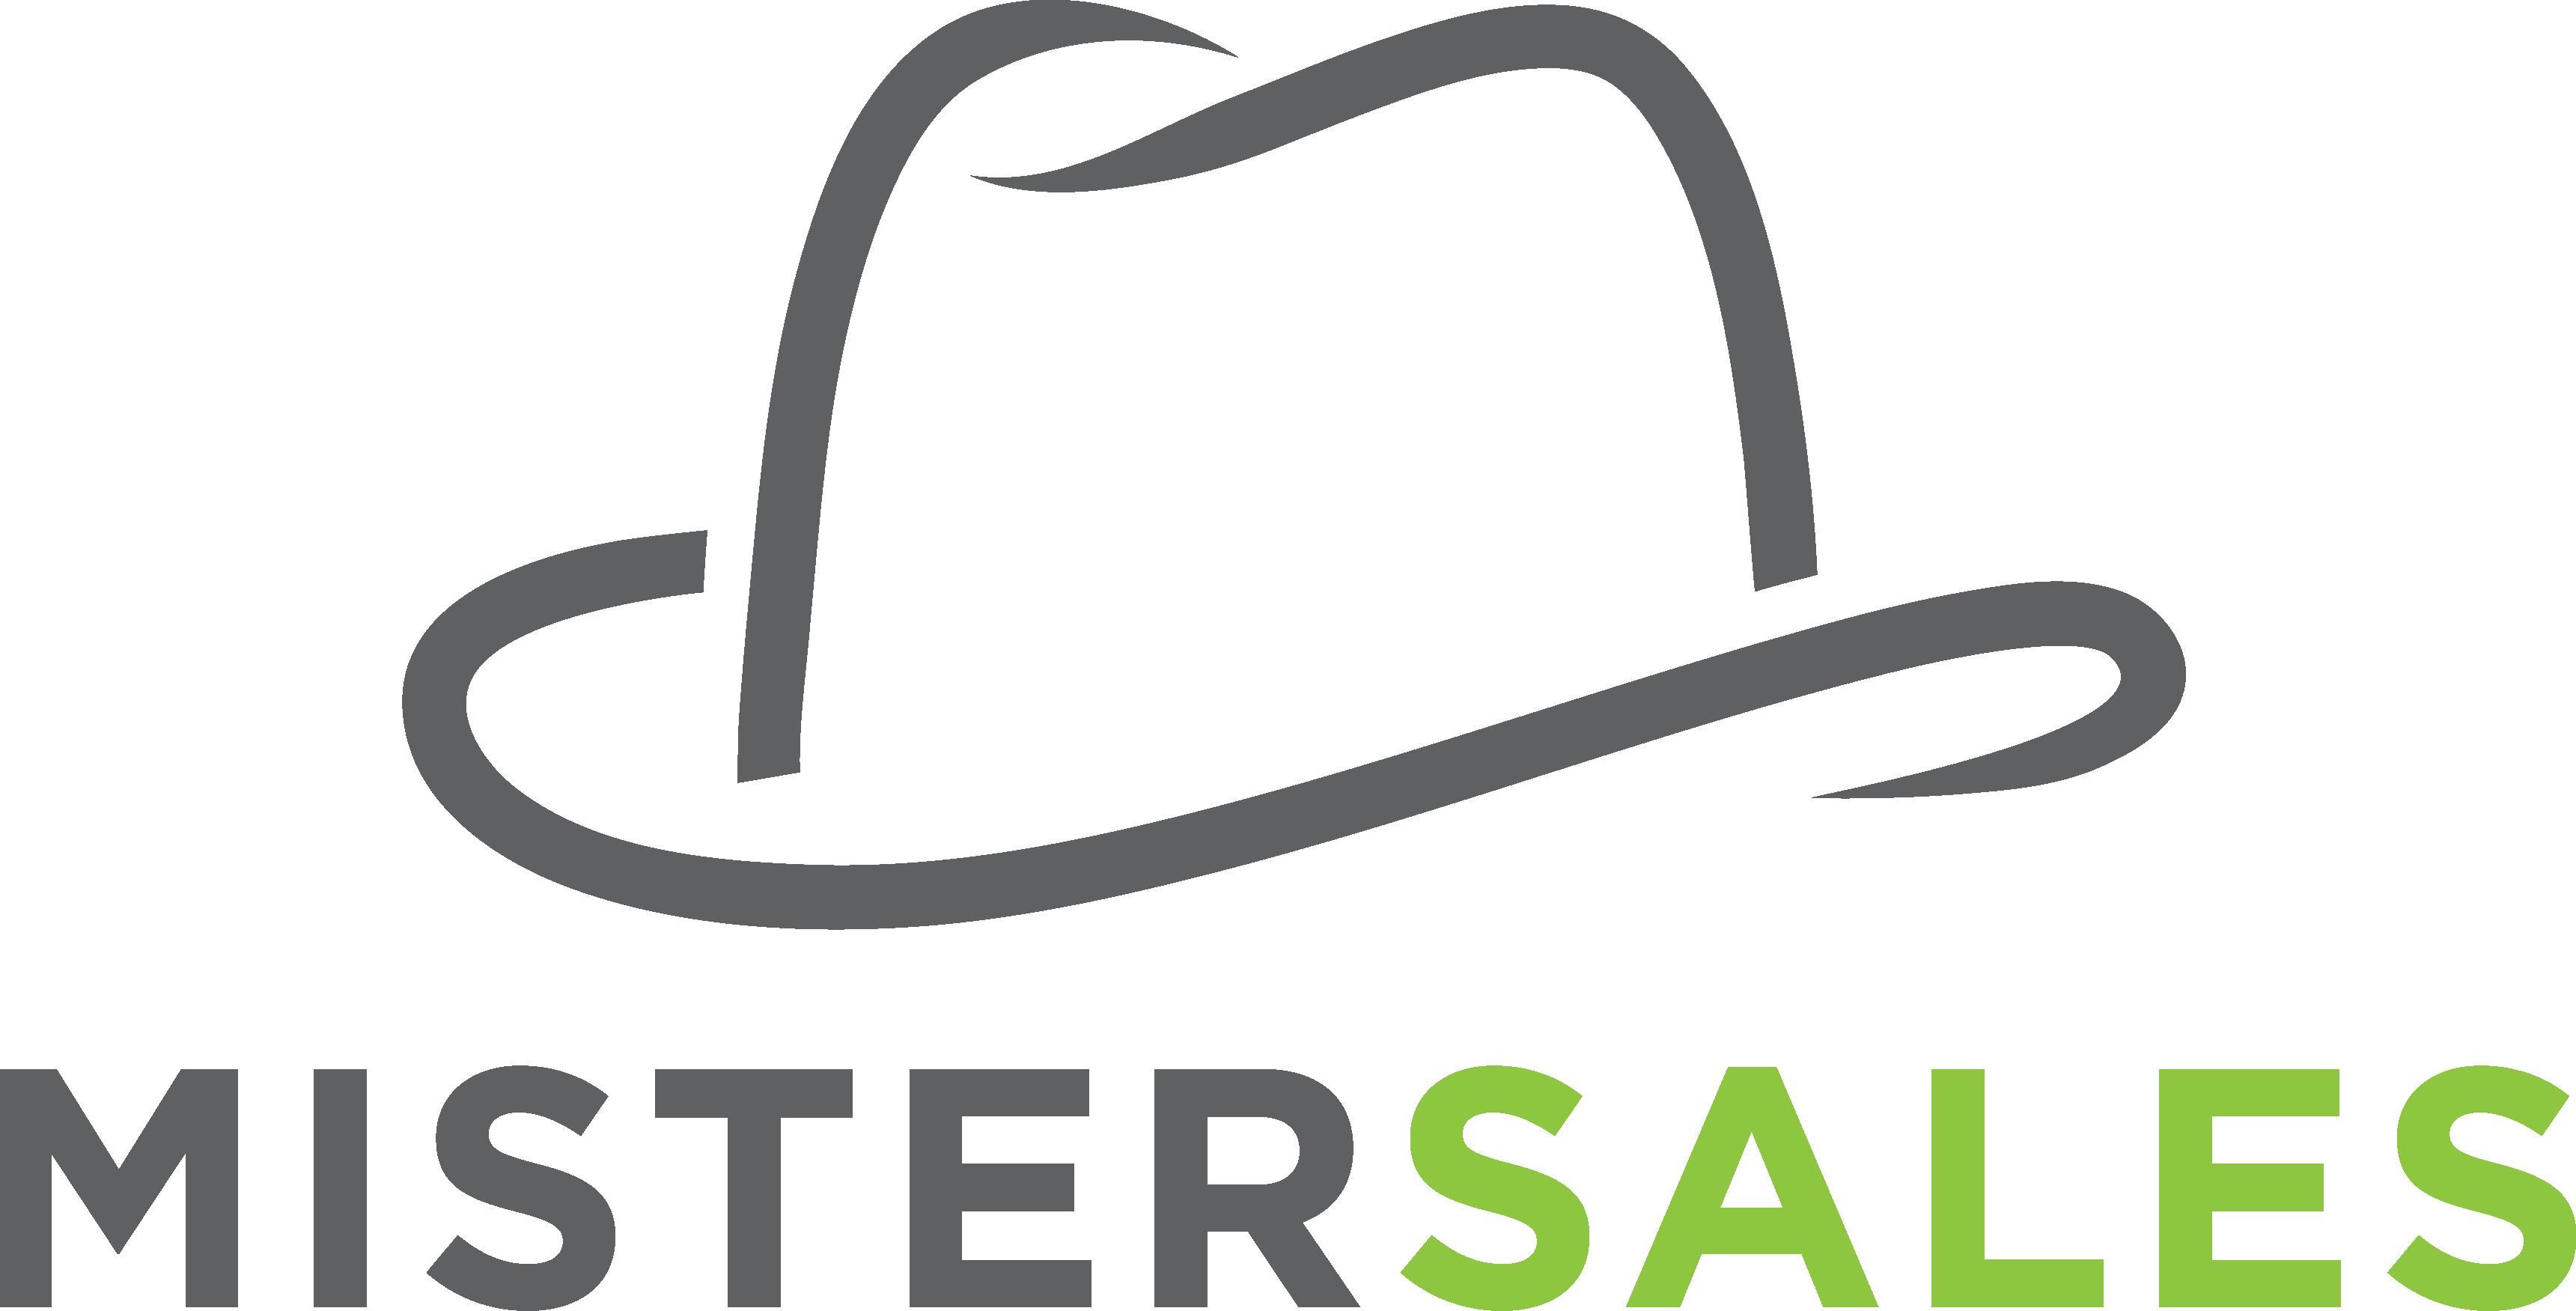 Mister-sales-logo